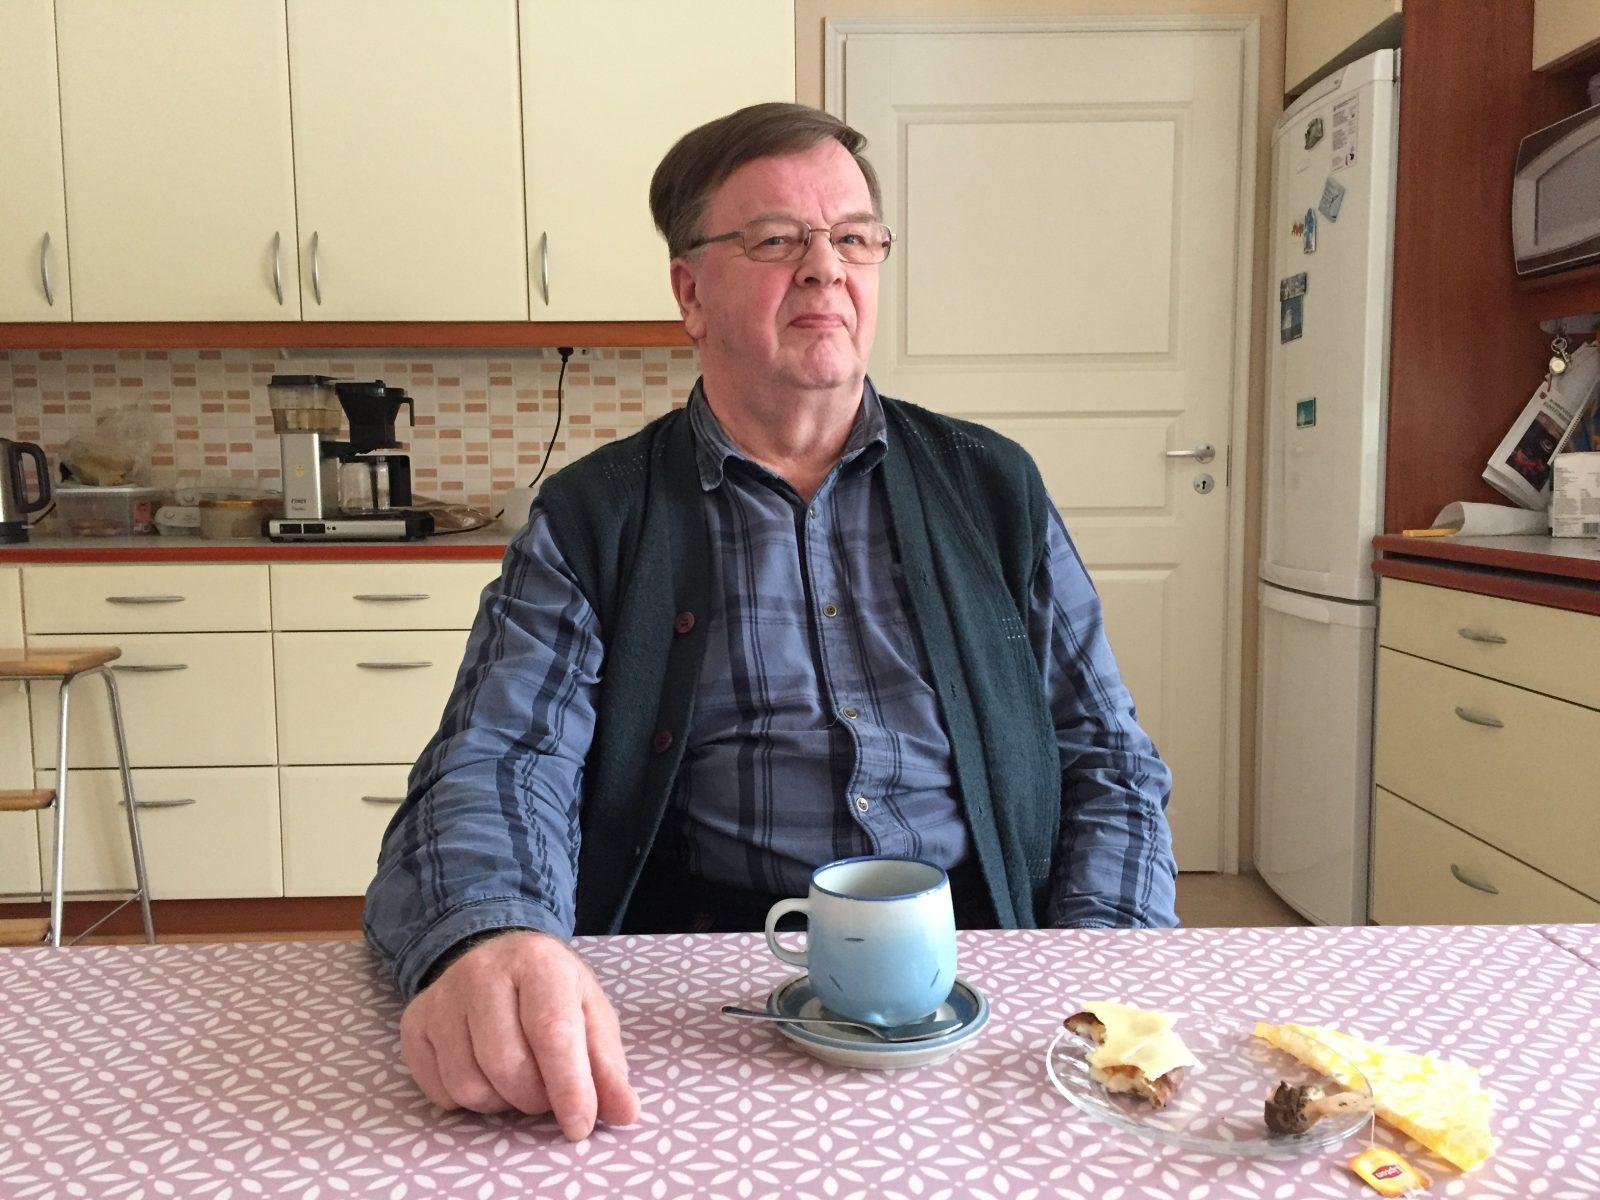 Heikki Häyrinen jäi Äänekosken poliisista rikosylikonstaapelin vakanssista eläkkeellle vuonna 2001.